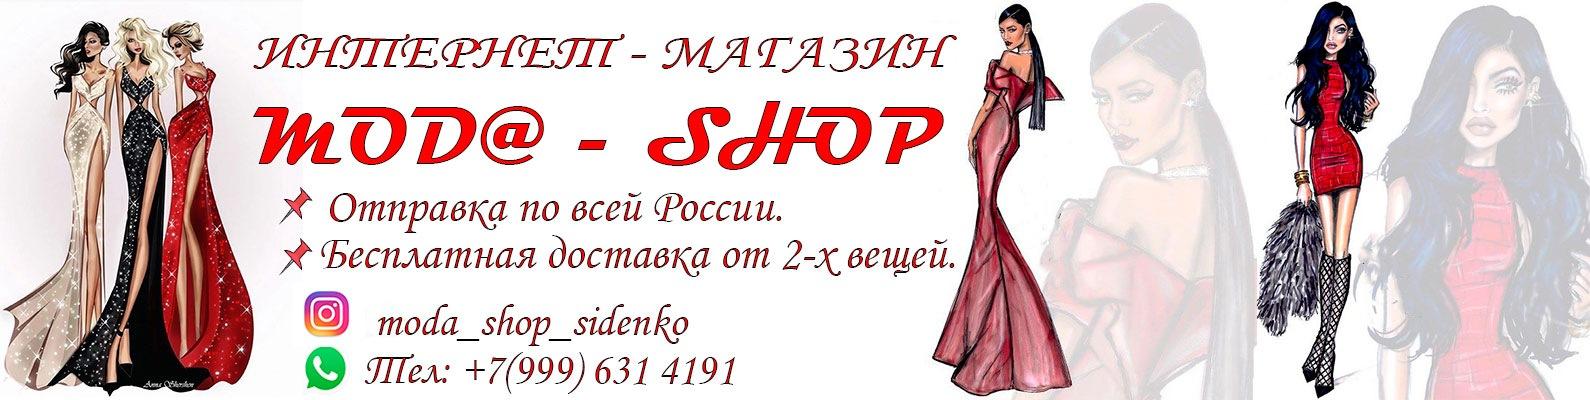 6f9fe8fcaf1 Интернет-магазин MODA - SHOP